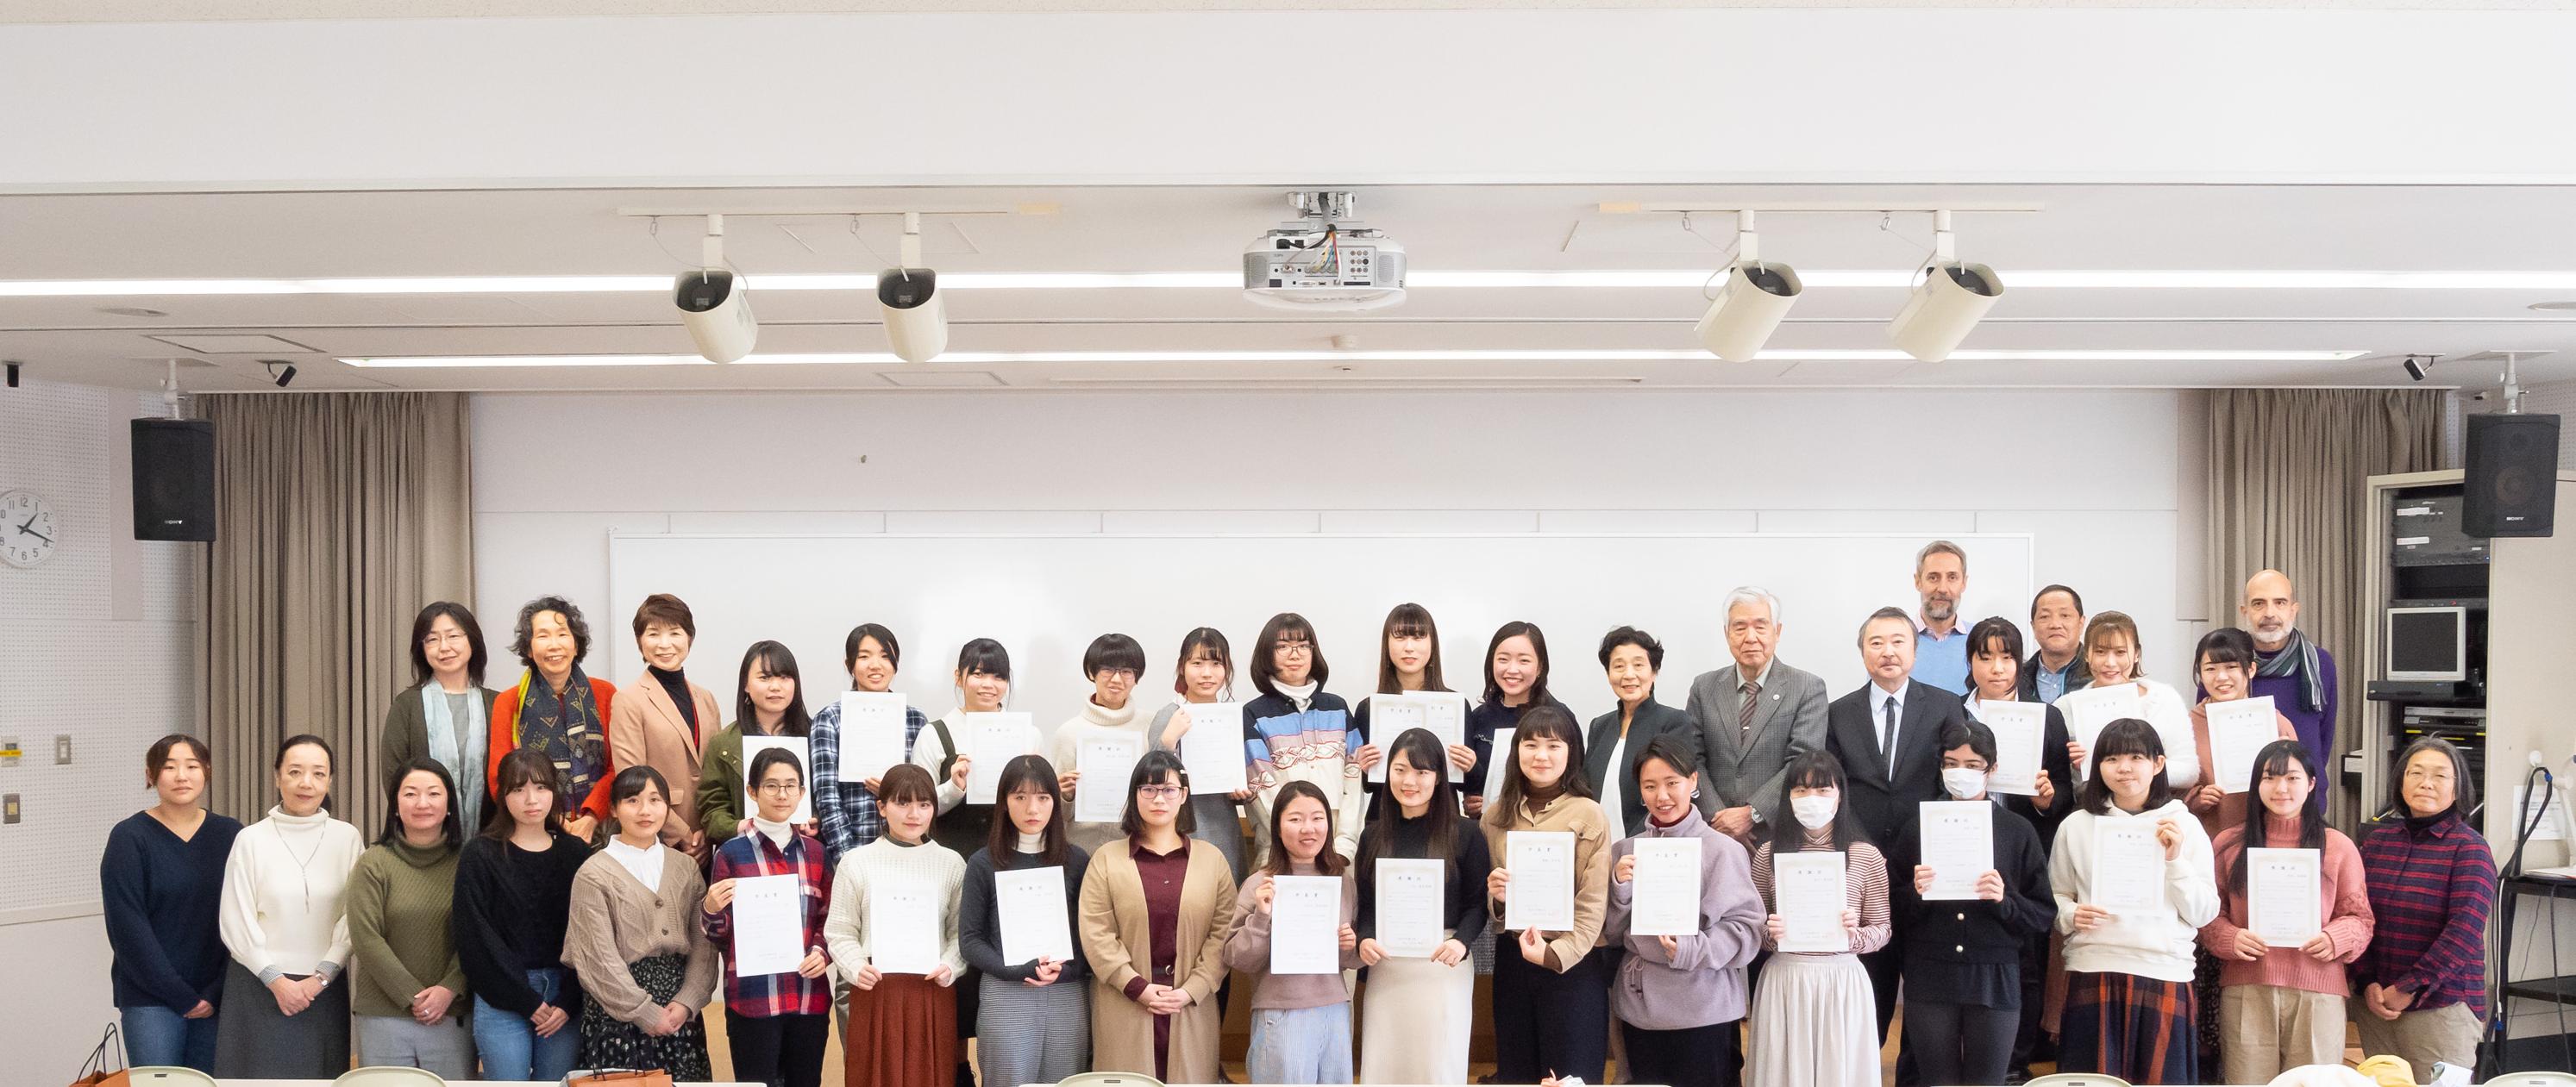 恵泉女学園大学で新たに学内表彰制度がスタート -- 地域・社会への貢献なども対象に、第1回表彰式では8件の活動に学長賞を授与